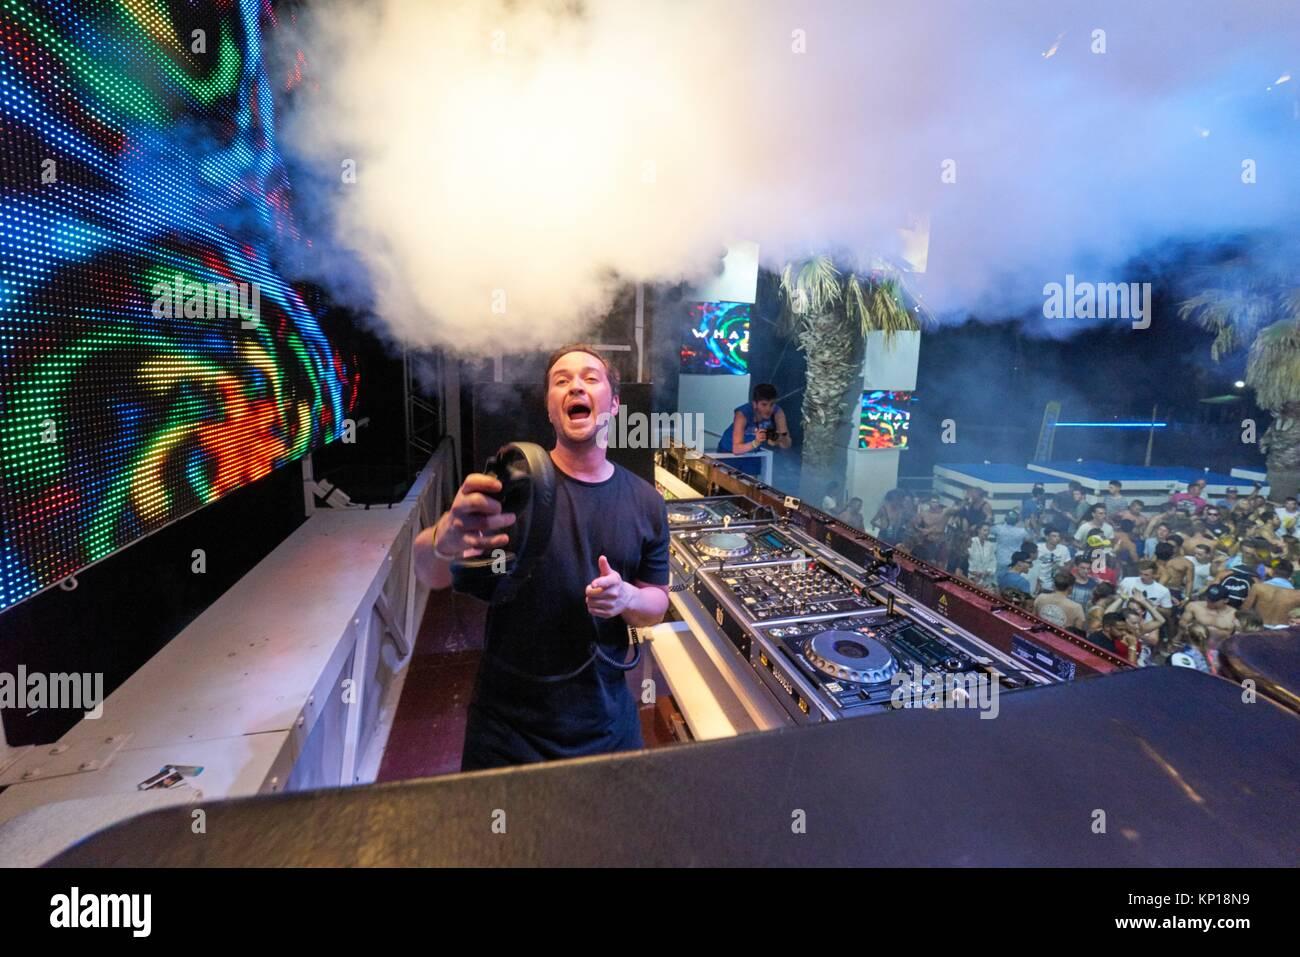 DJ Kenneth G Spielen auf Musik Festival Starbeach in Hersonissos, Kreta, Griechenland, am 04. August 2017 Stockbild